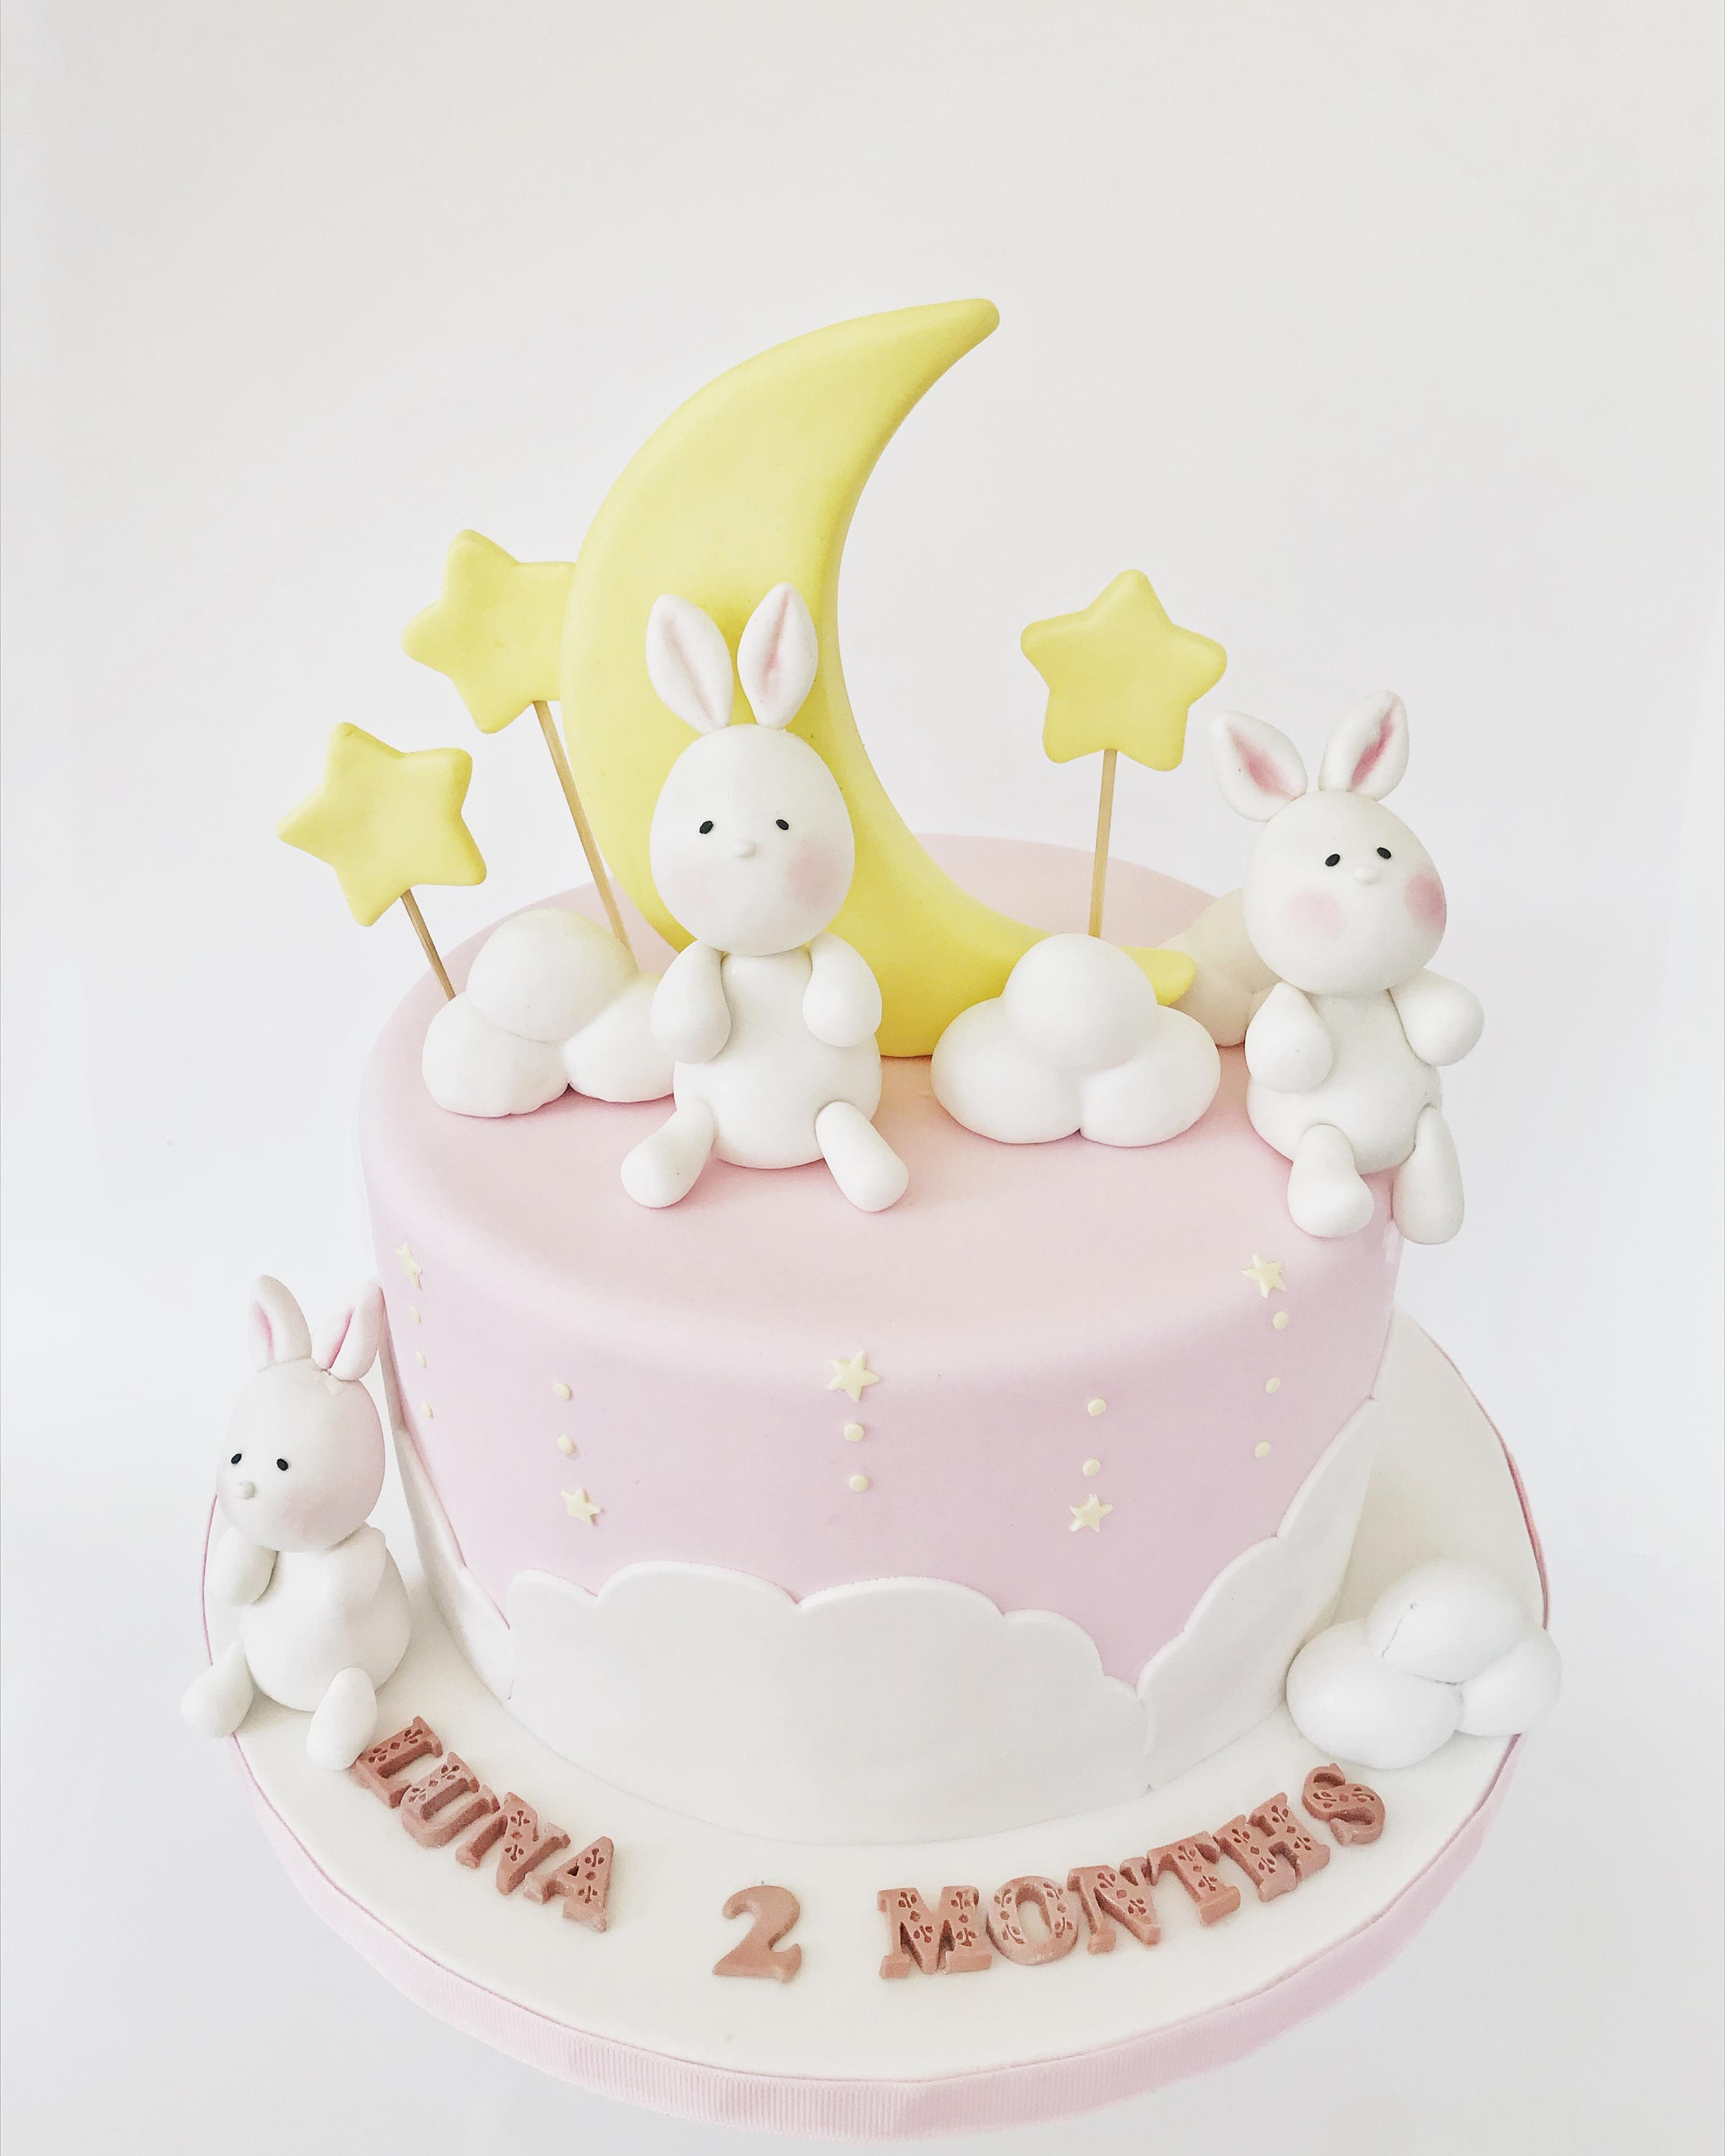 Bunnie starts cake